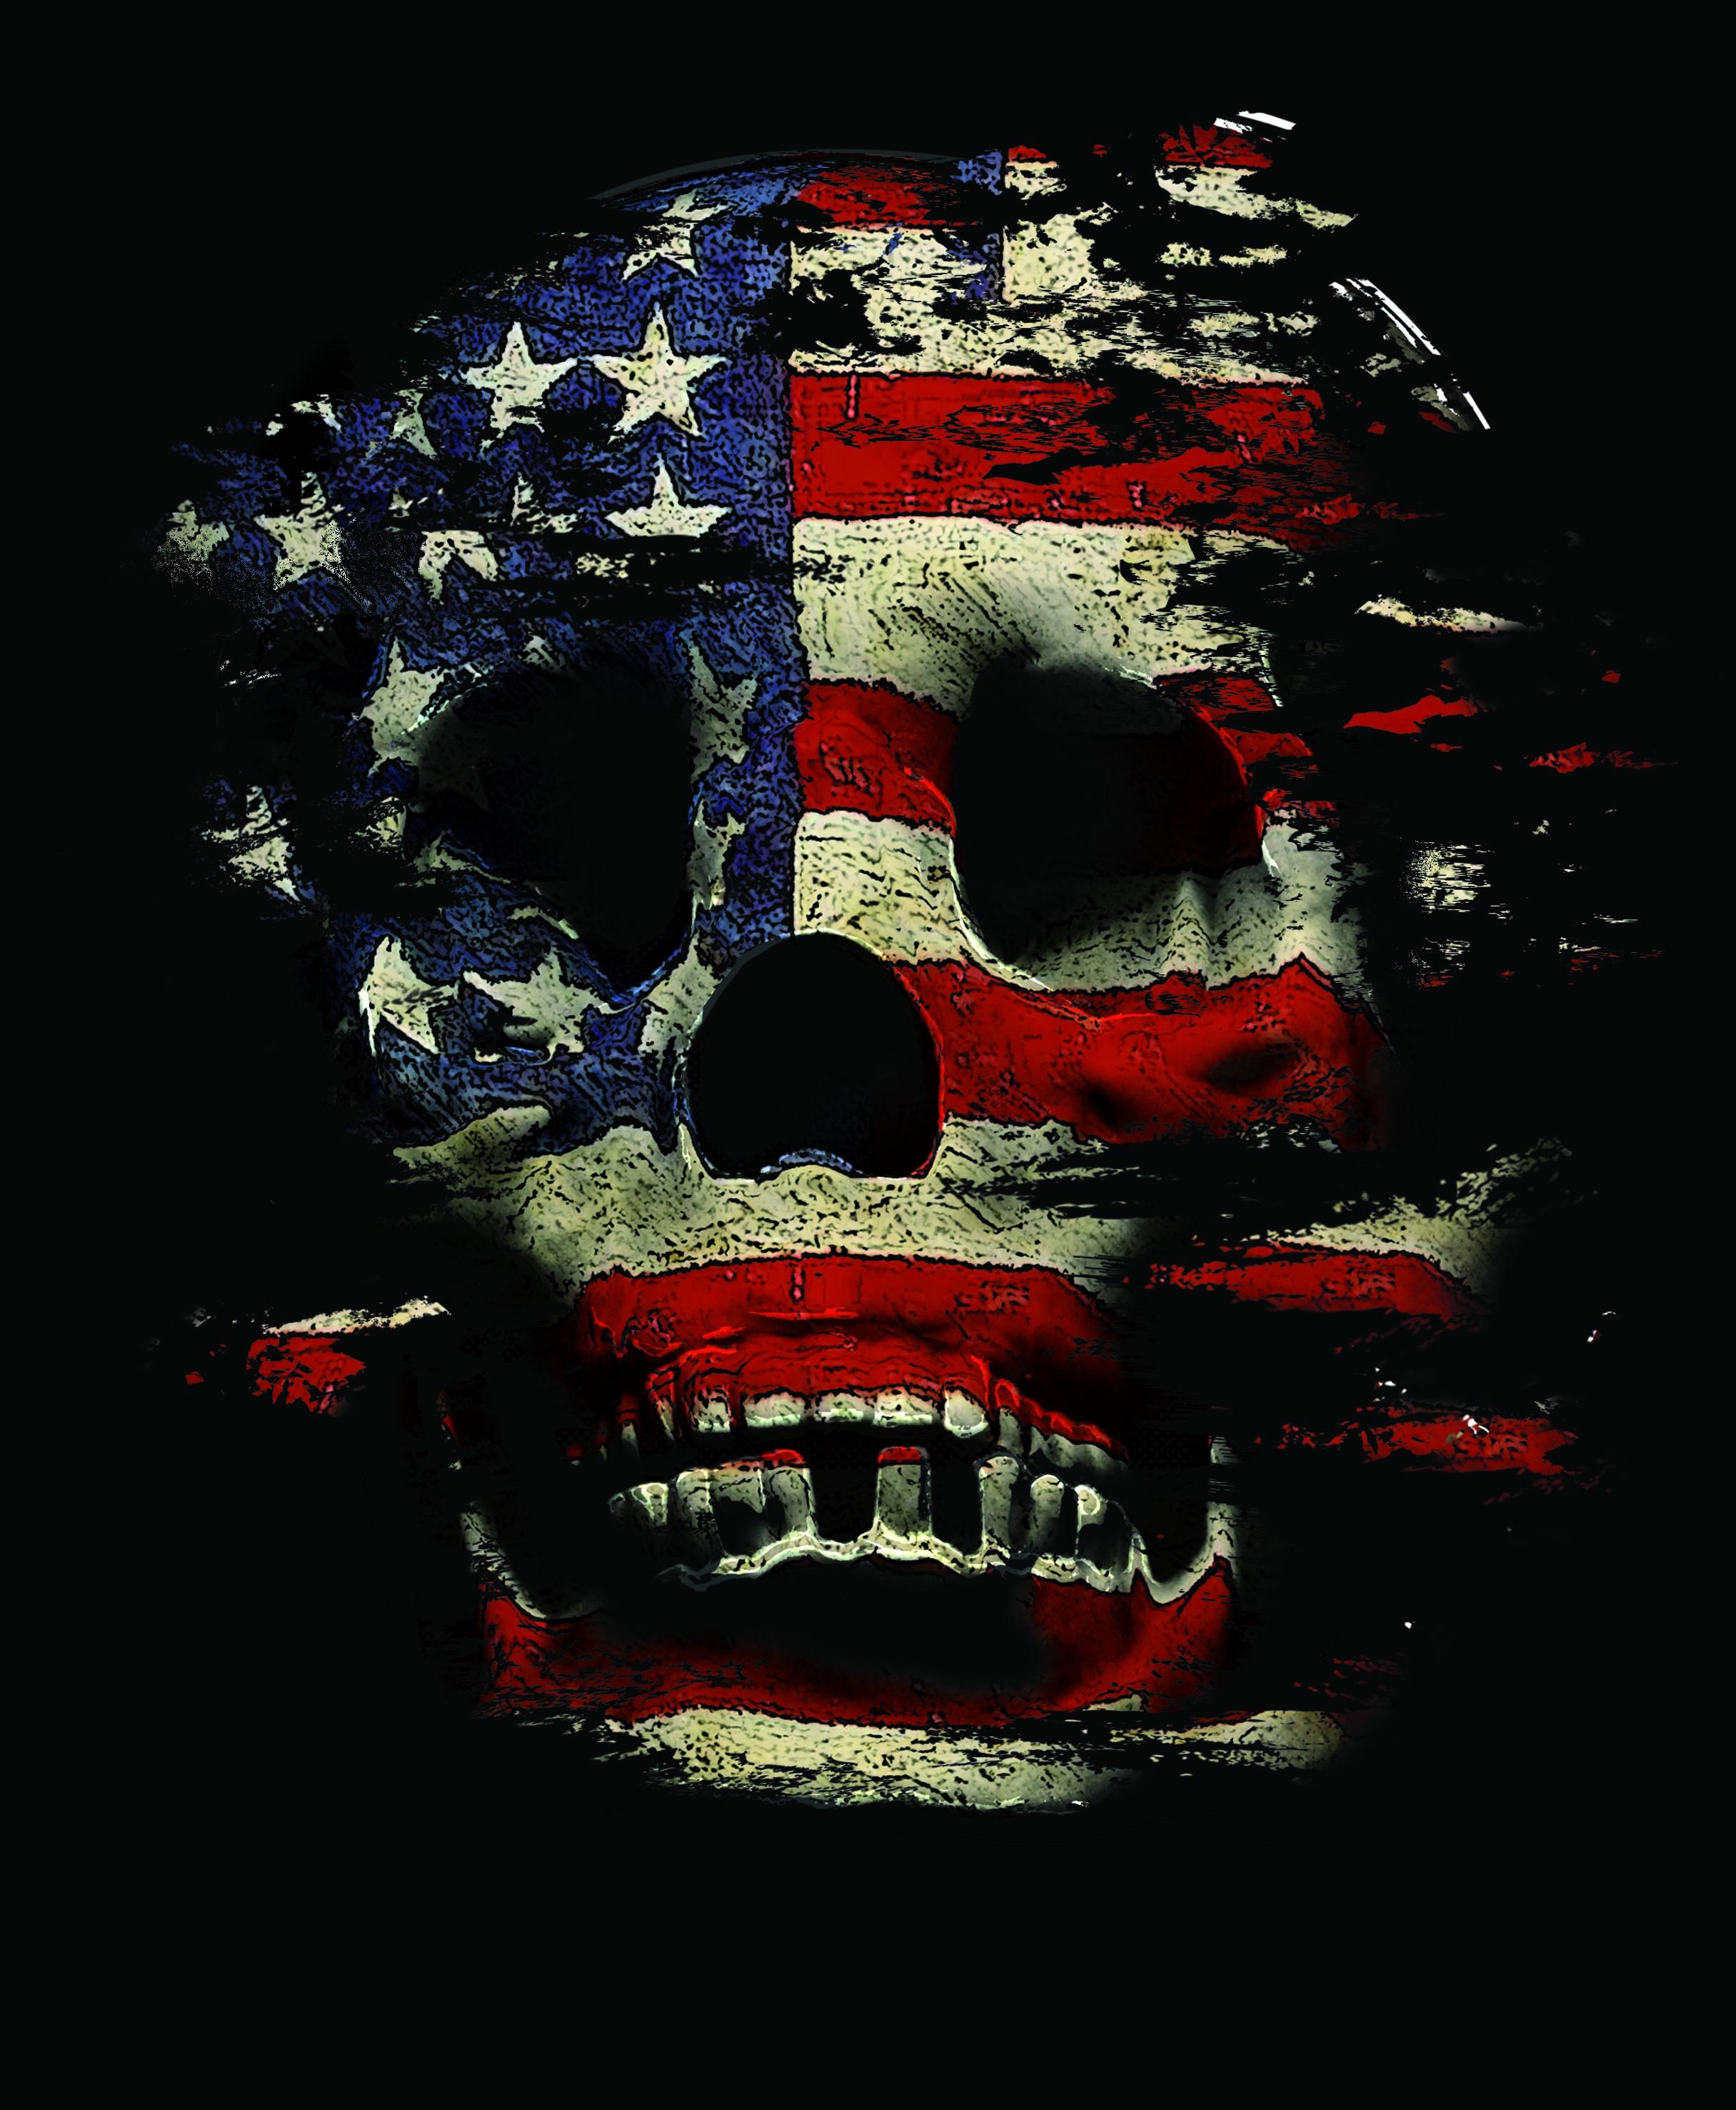 skull bandito_039-16h53m36.jpg